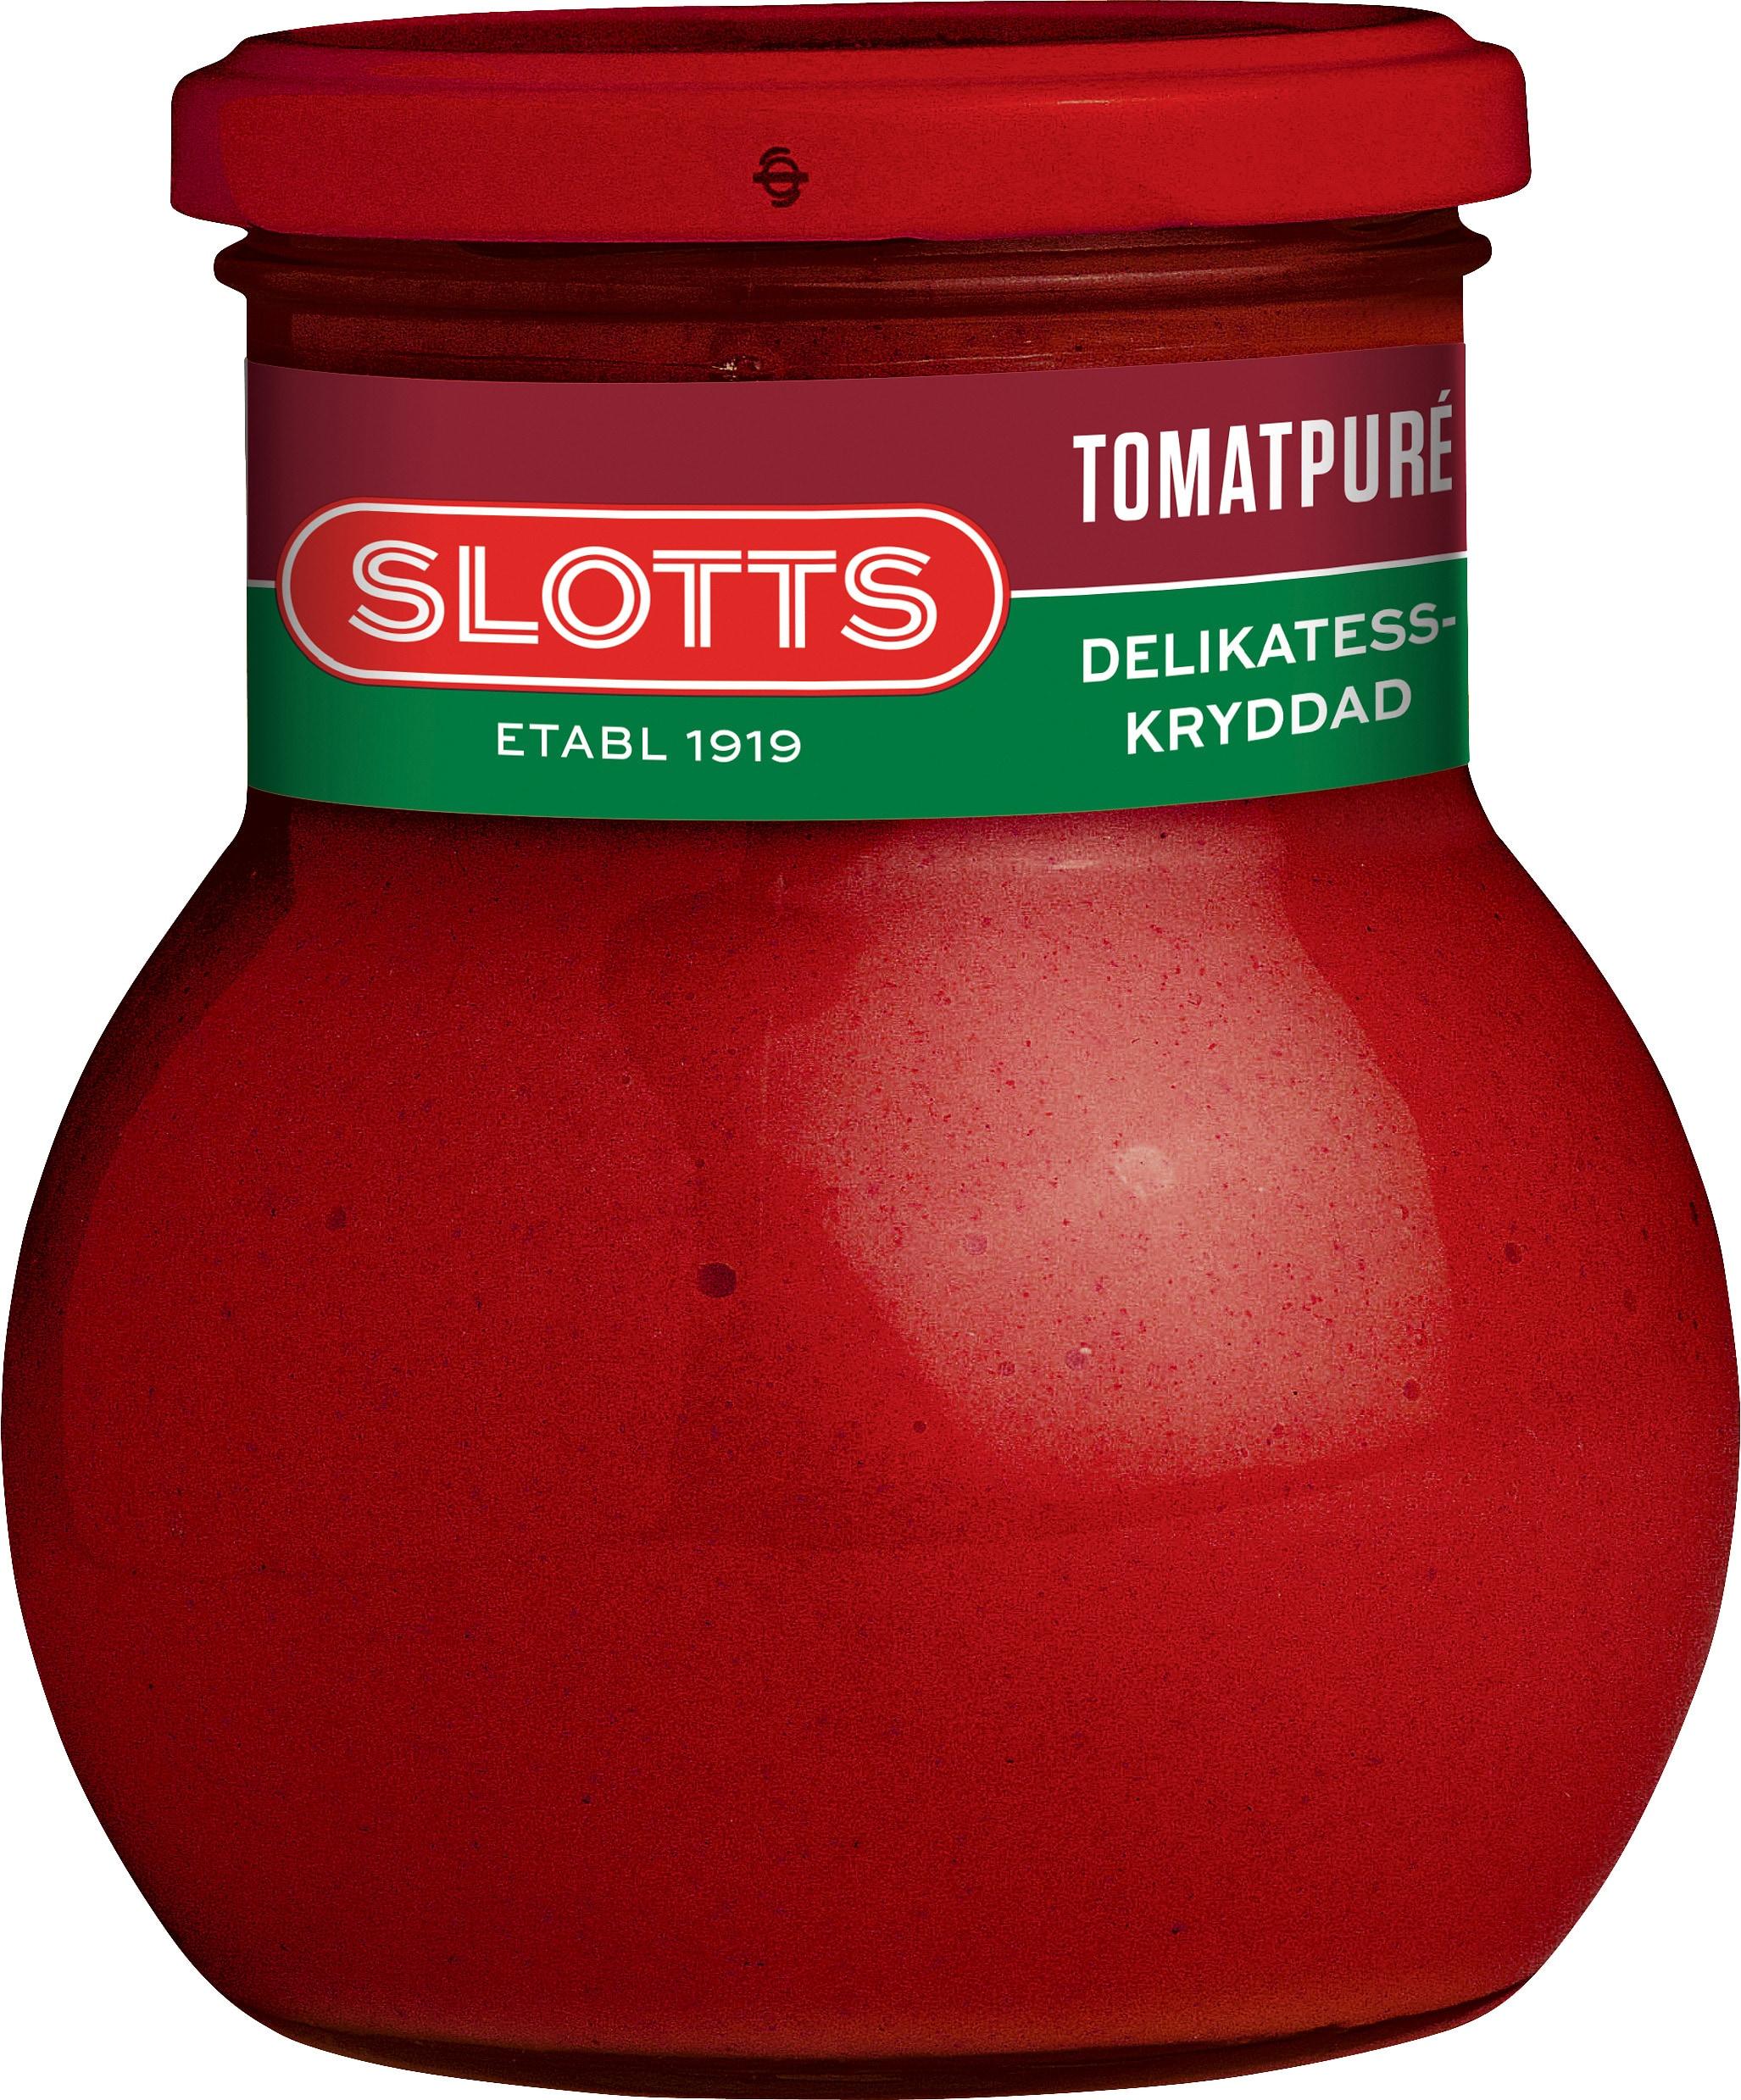 SLOTTS Tomatpuré Delikatesskryddad 6x440 gr